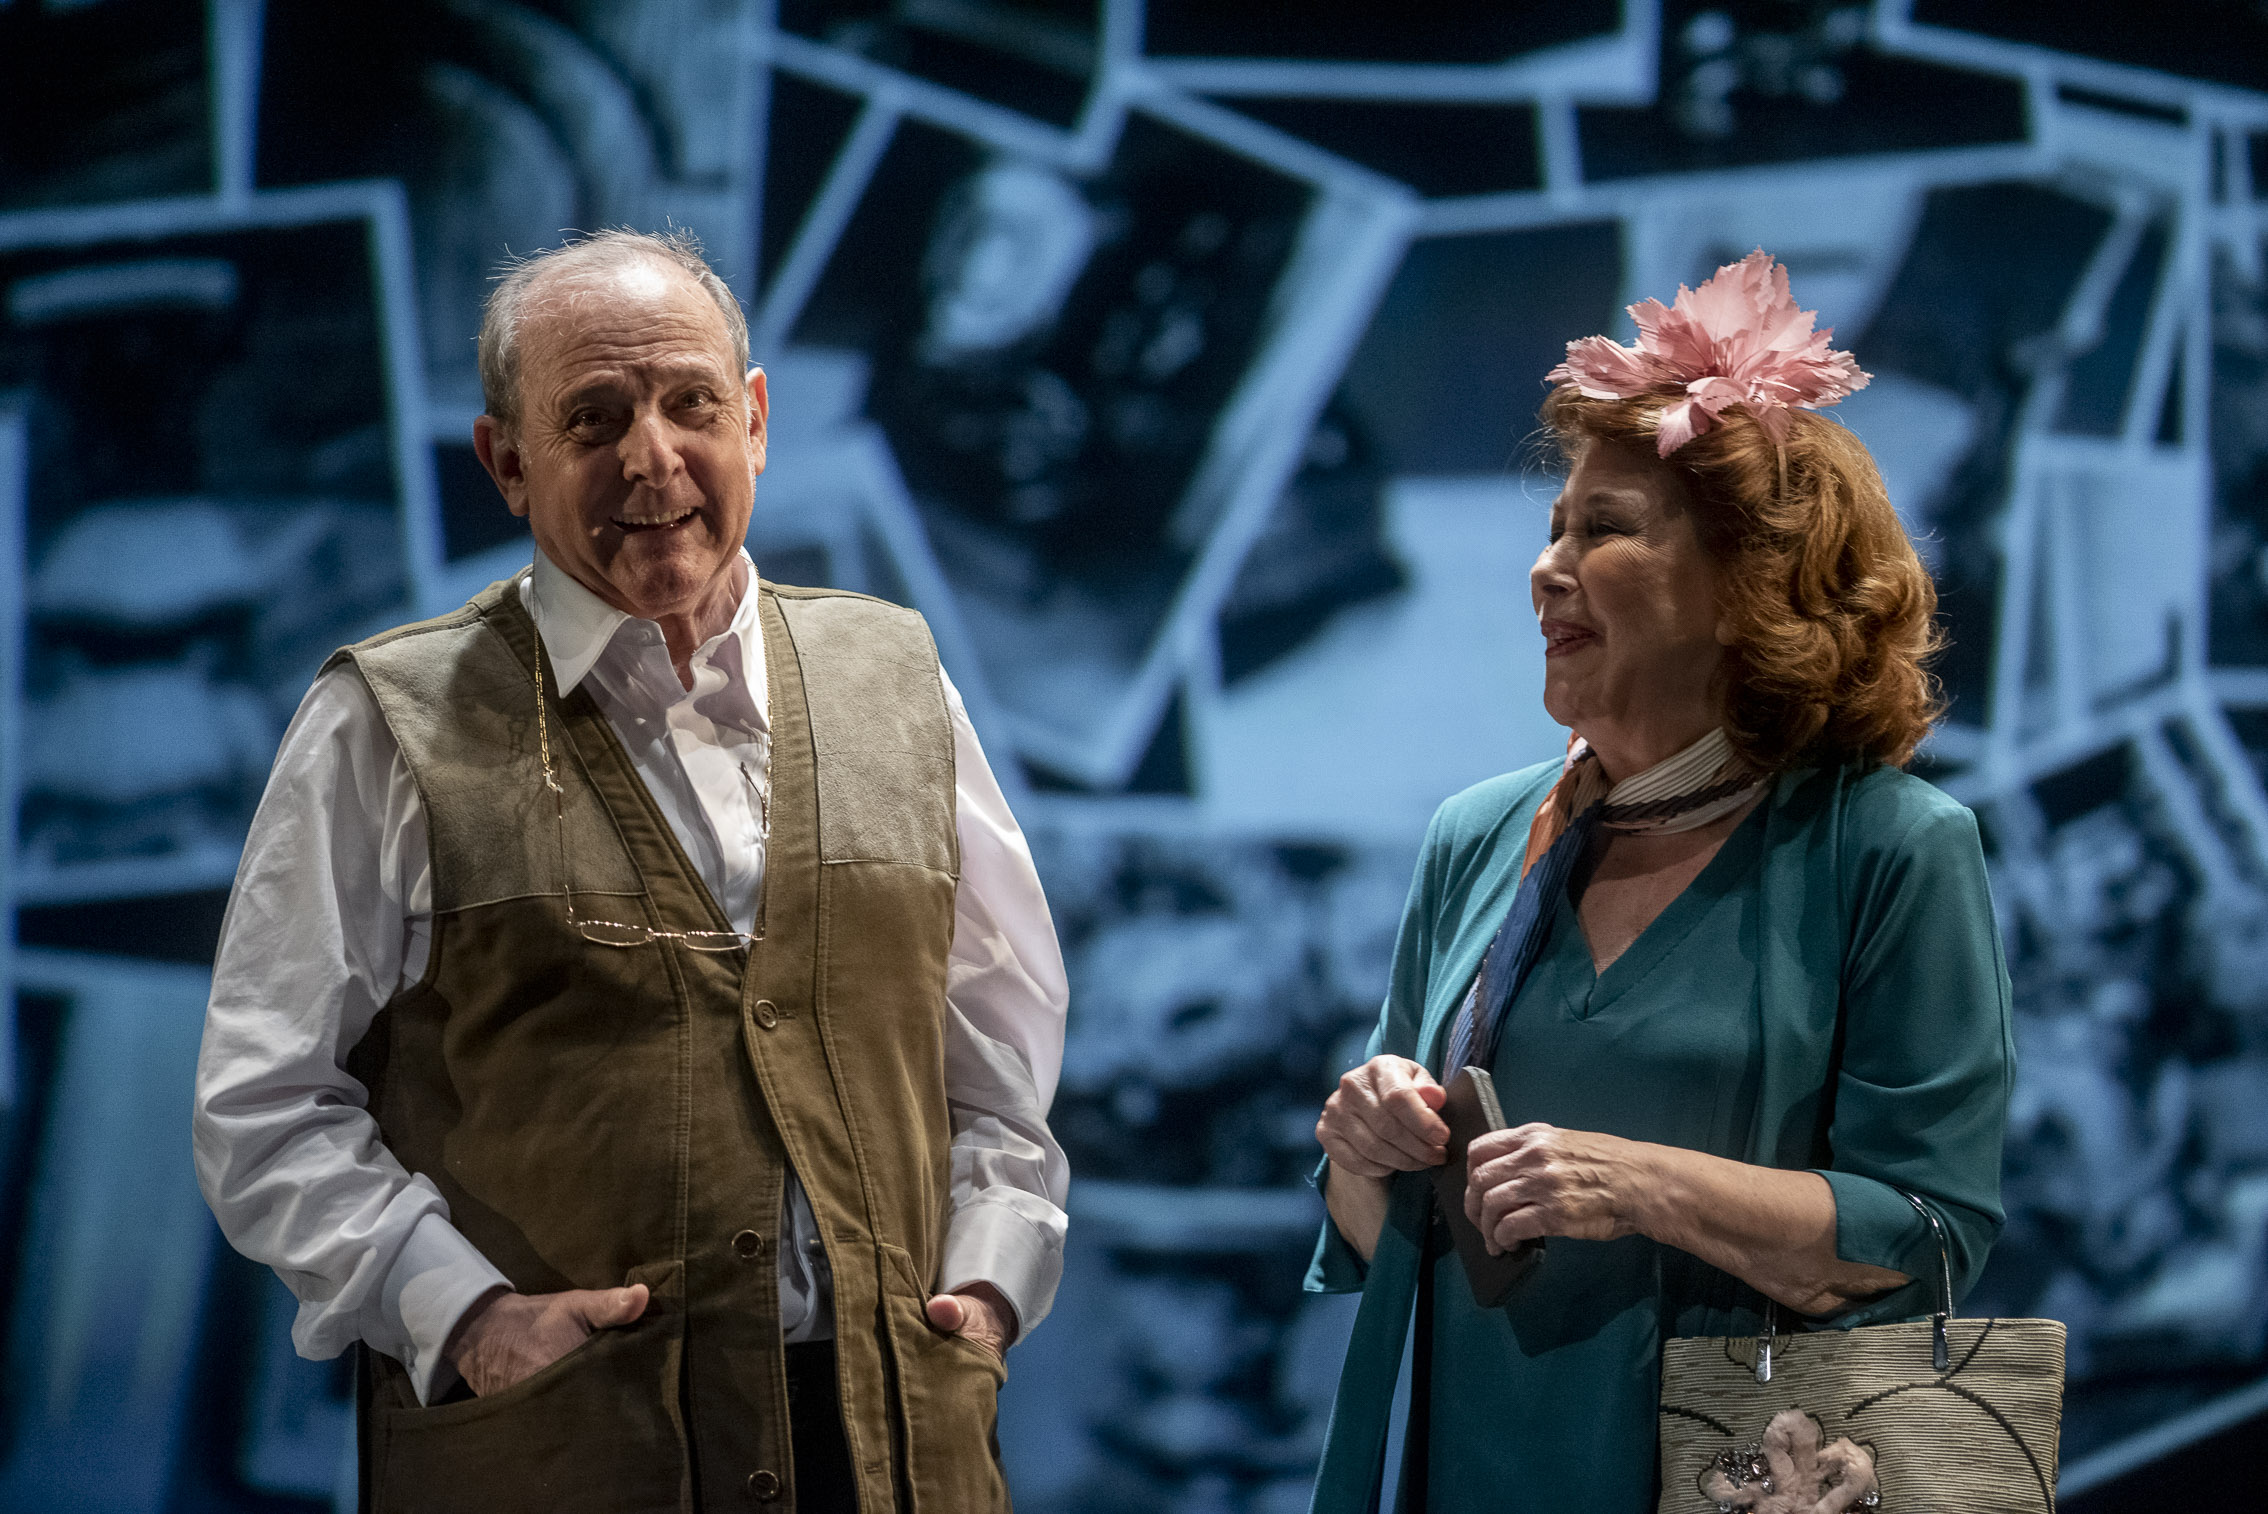 El Teatro Pérez Galdós estrena 'Galdós enamorado' con María José Goyanes y Emilio Gutiérrez Caba el próximo 25 de marzo